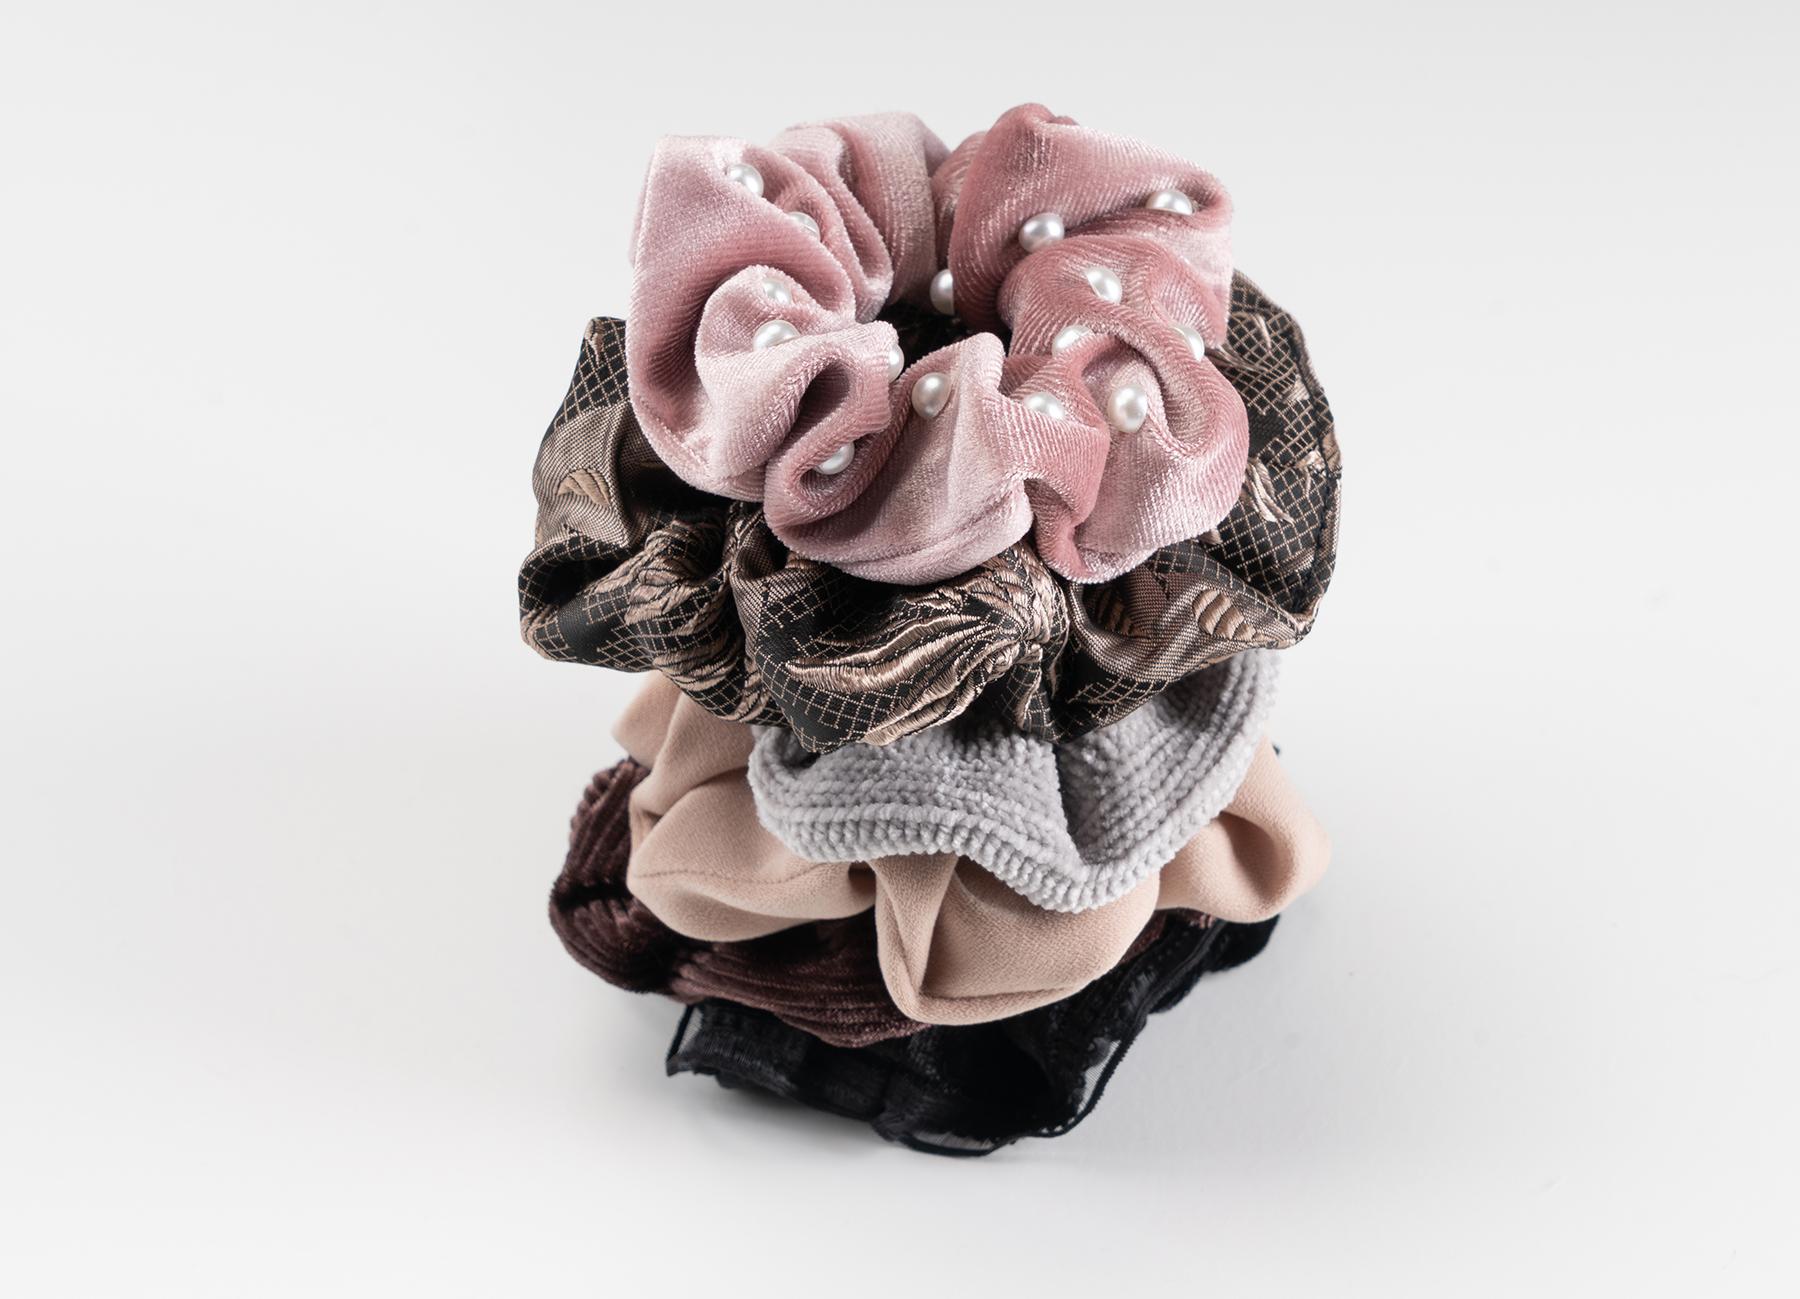 Ein dekoratives Set an Haarschmuck Scrunchies von Trisa Accessoires, in den Farben schwarz, grau, rosa und braun, platziert auf weissem Hintergrund.